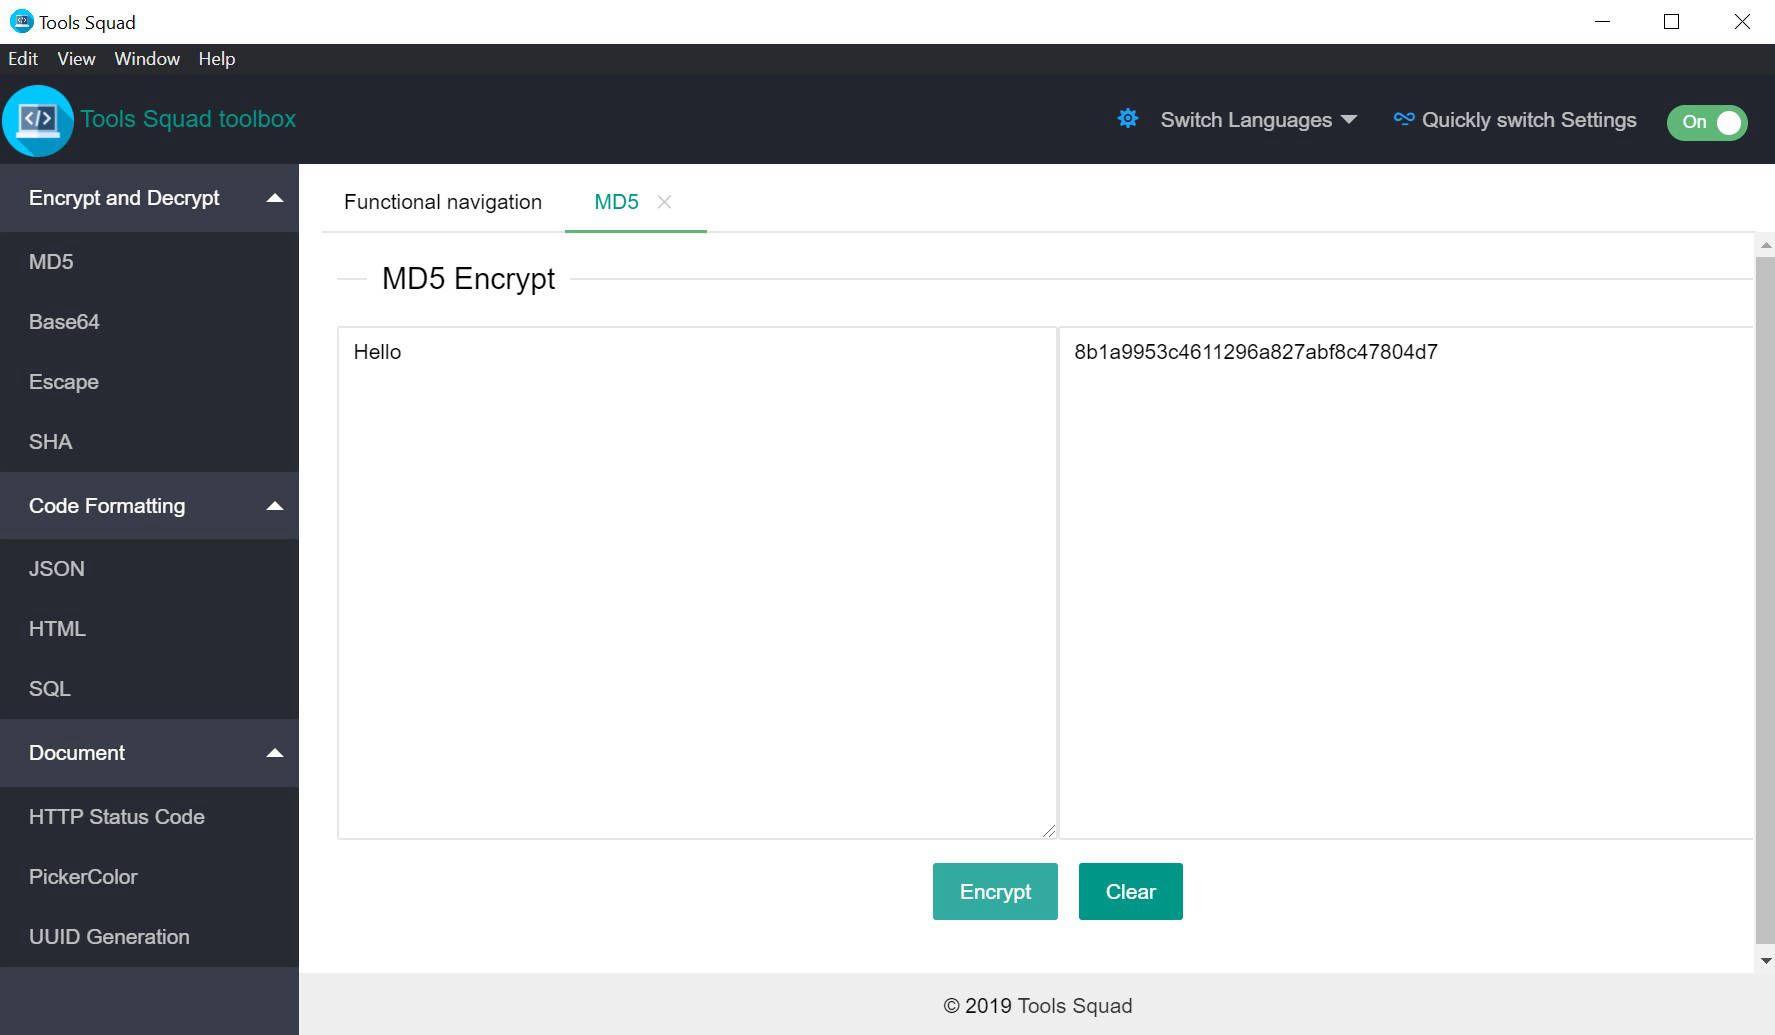 Development Tools Software, Tools Squad - PRO Screenshot